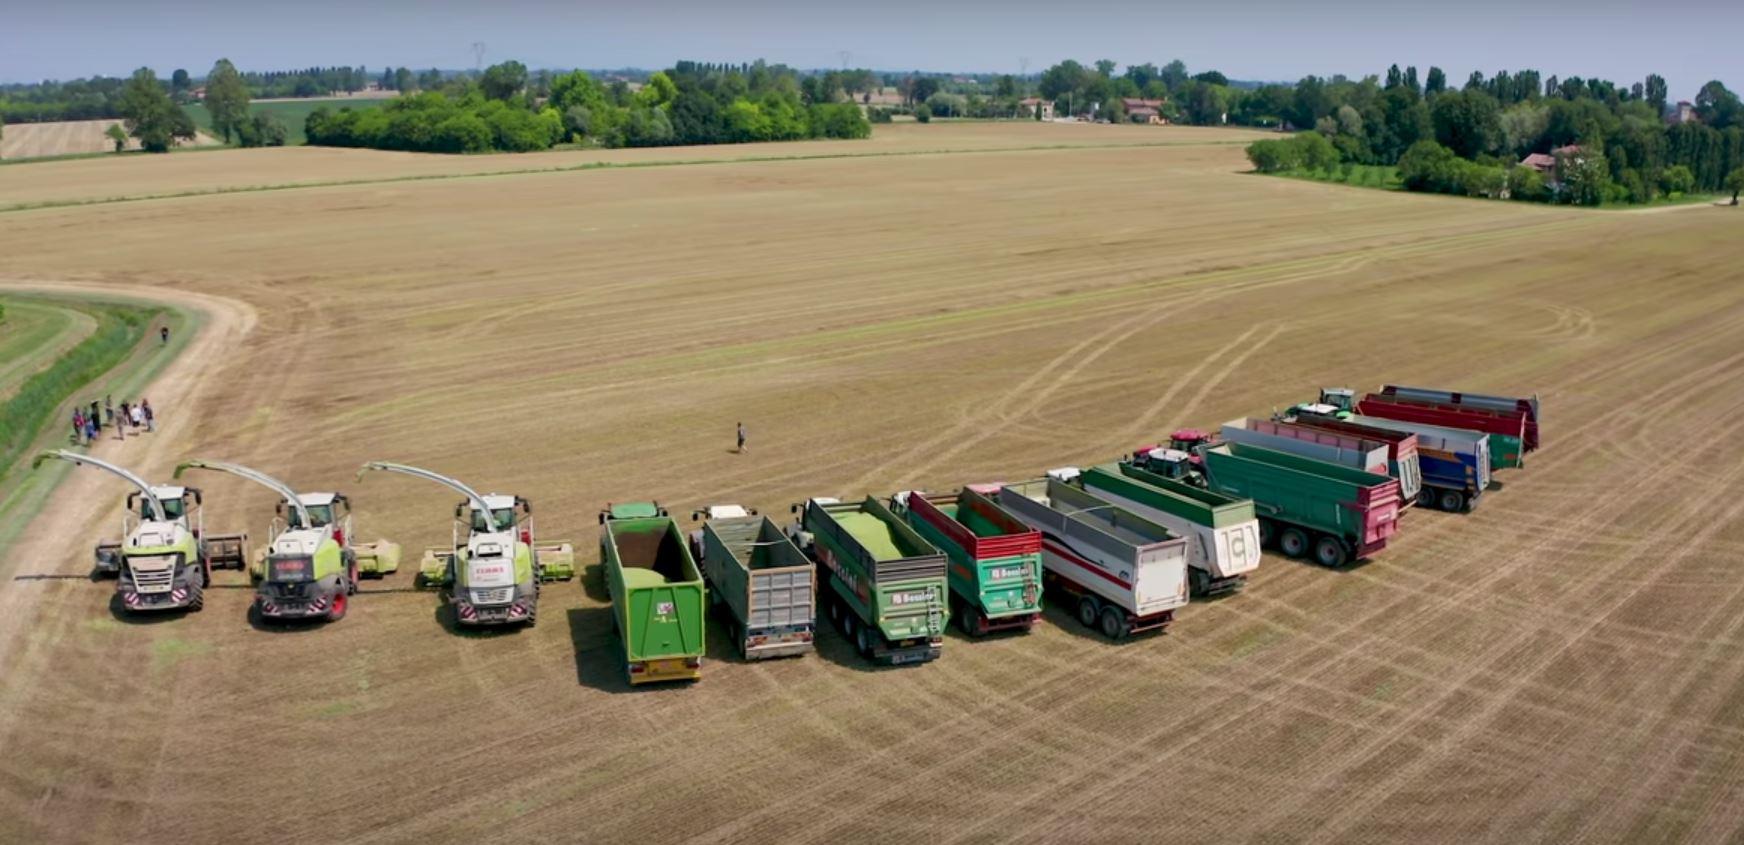 Flotă de utilaje agricole: de la însămânțare până la însilozare. Diferitele mașini agricole ale cooperativei agricole din nordul Italiei. Stiri agricole